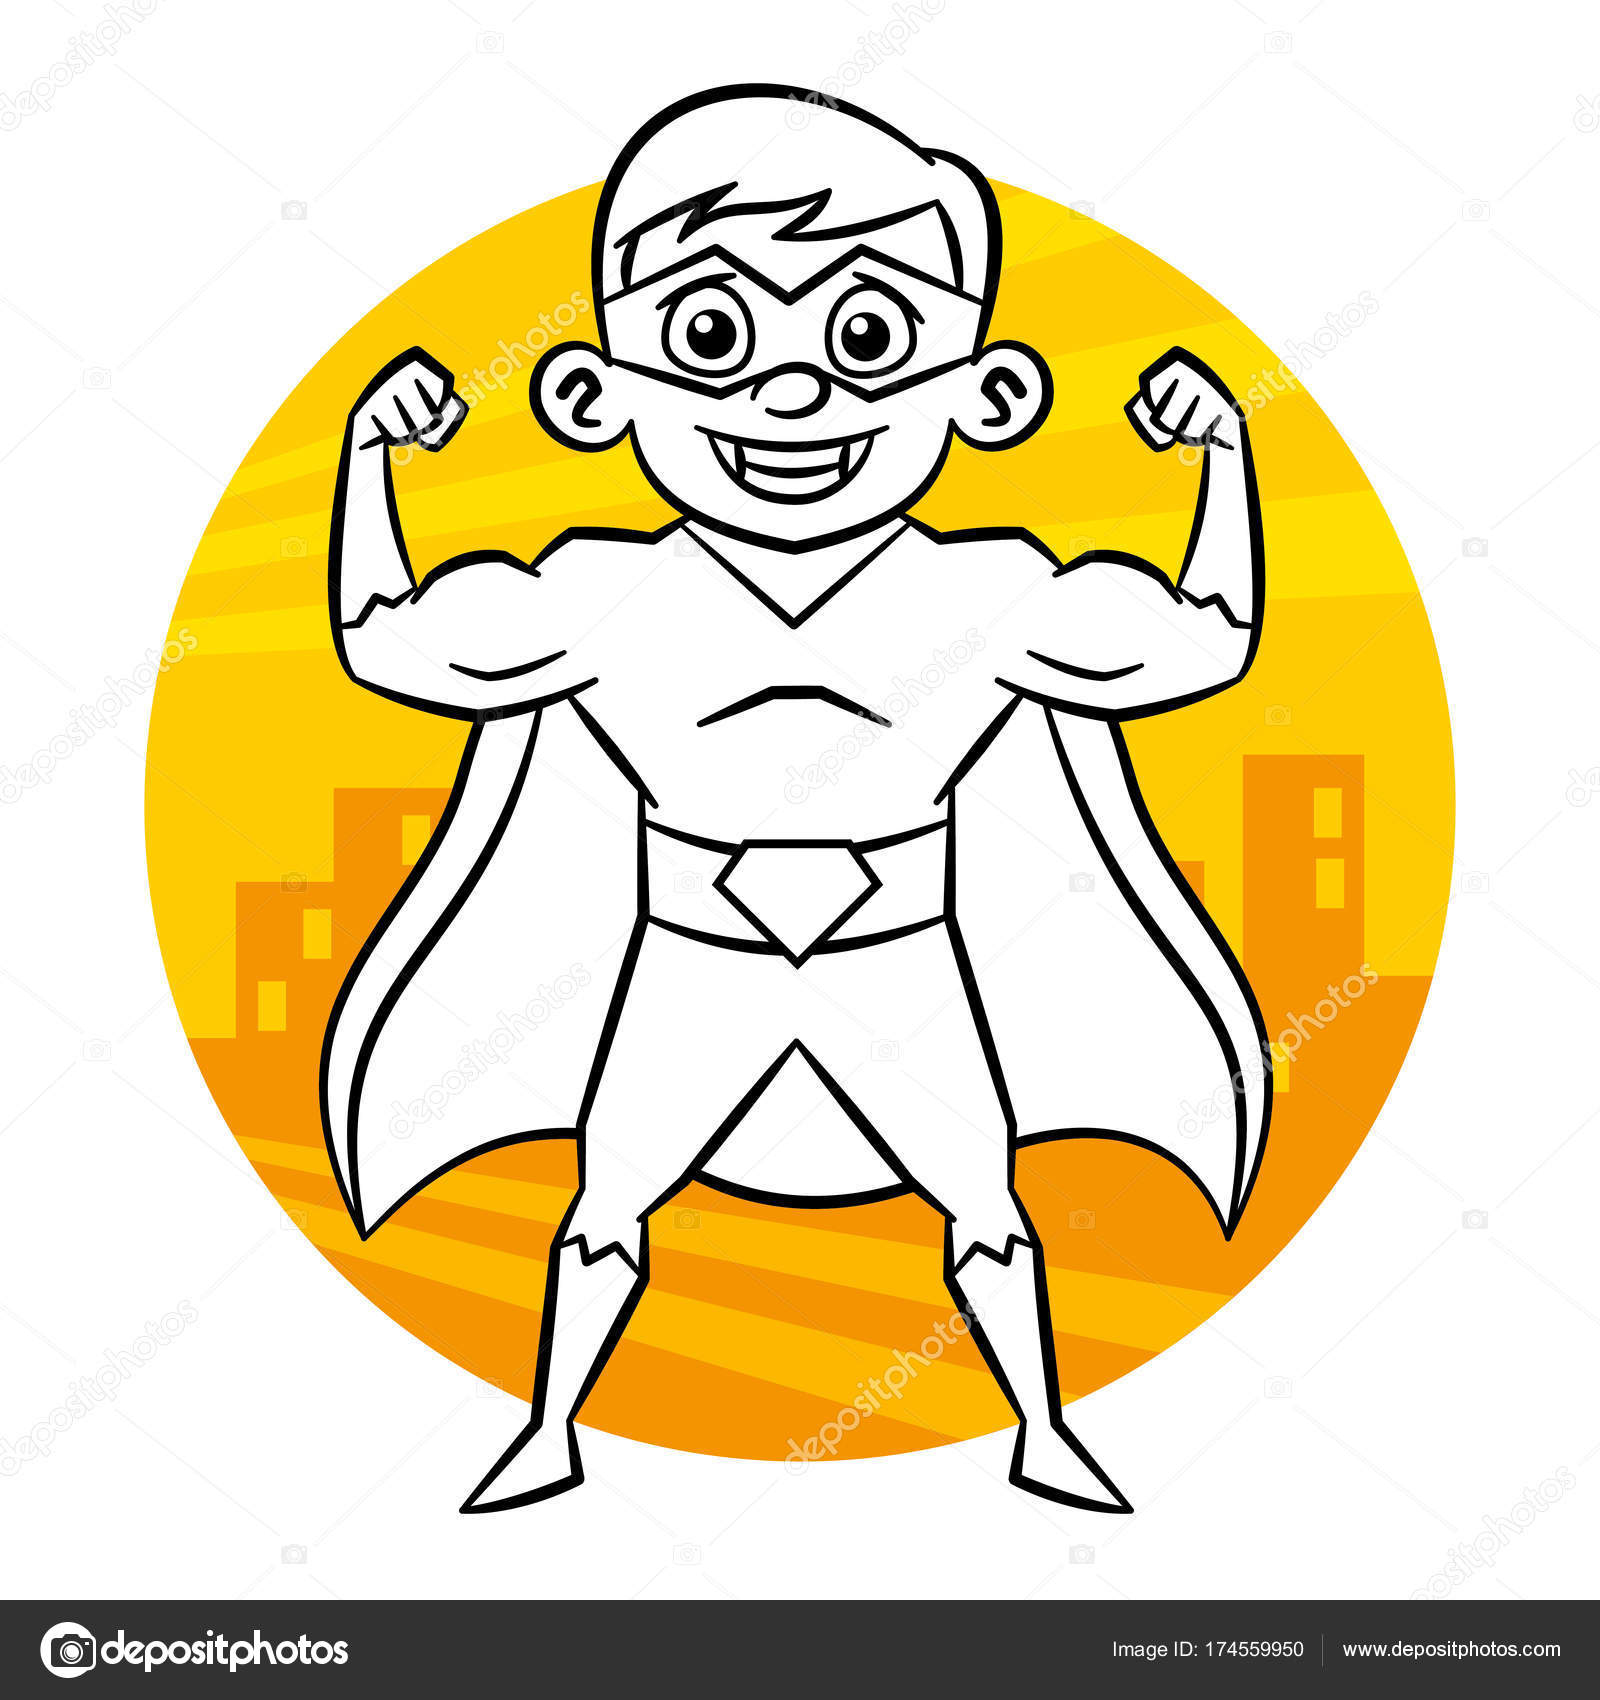 Superheld Kleurplaat Stockvector C Ichbinsam 174559950